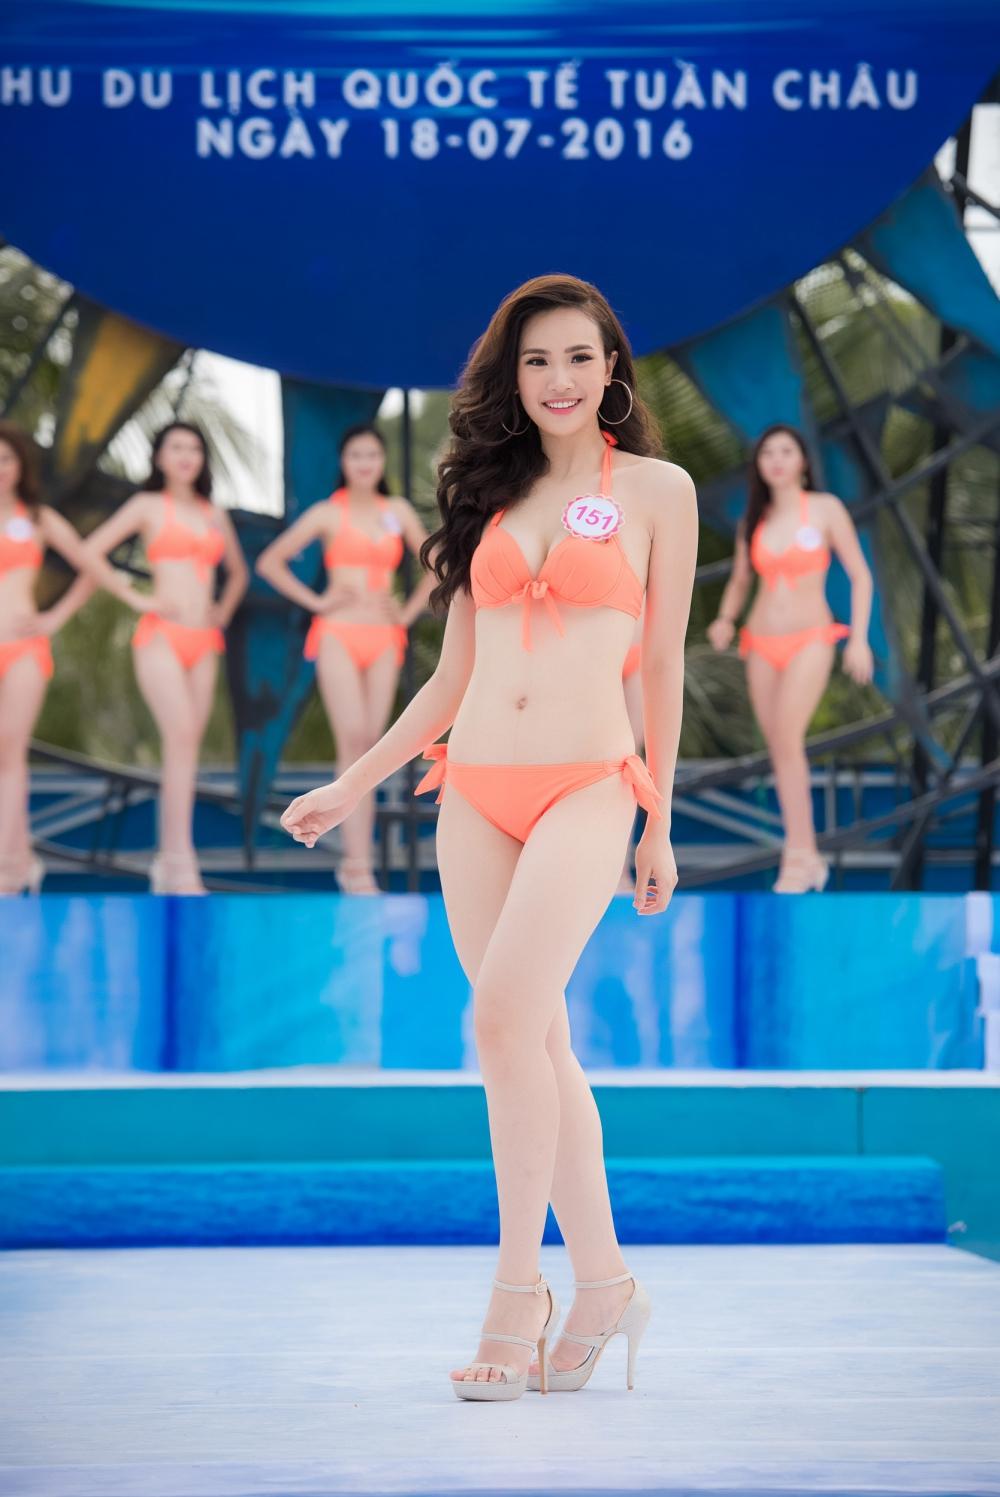 11 - Sai Thi Huong Ly SBD 151 b